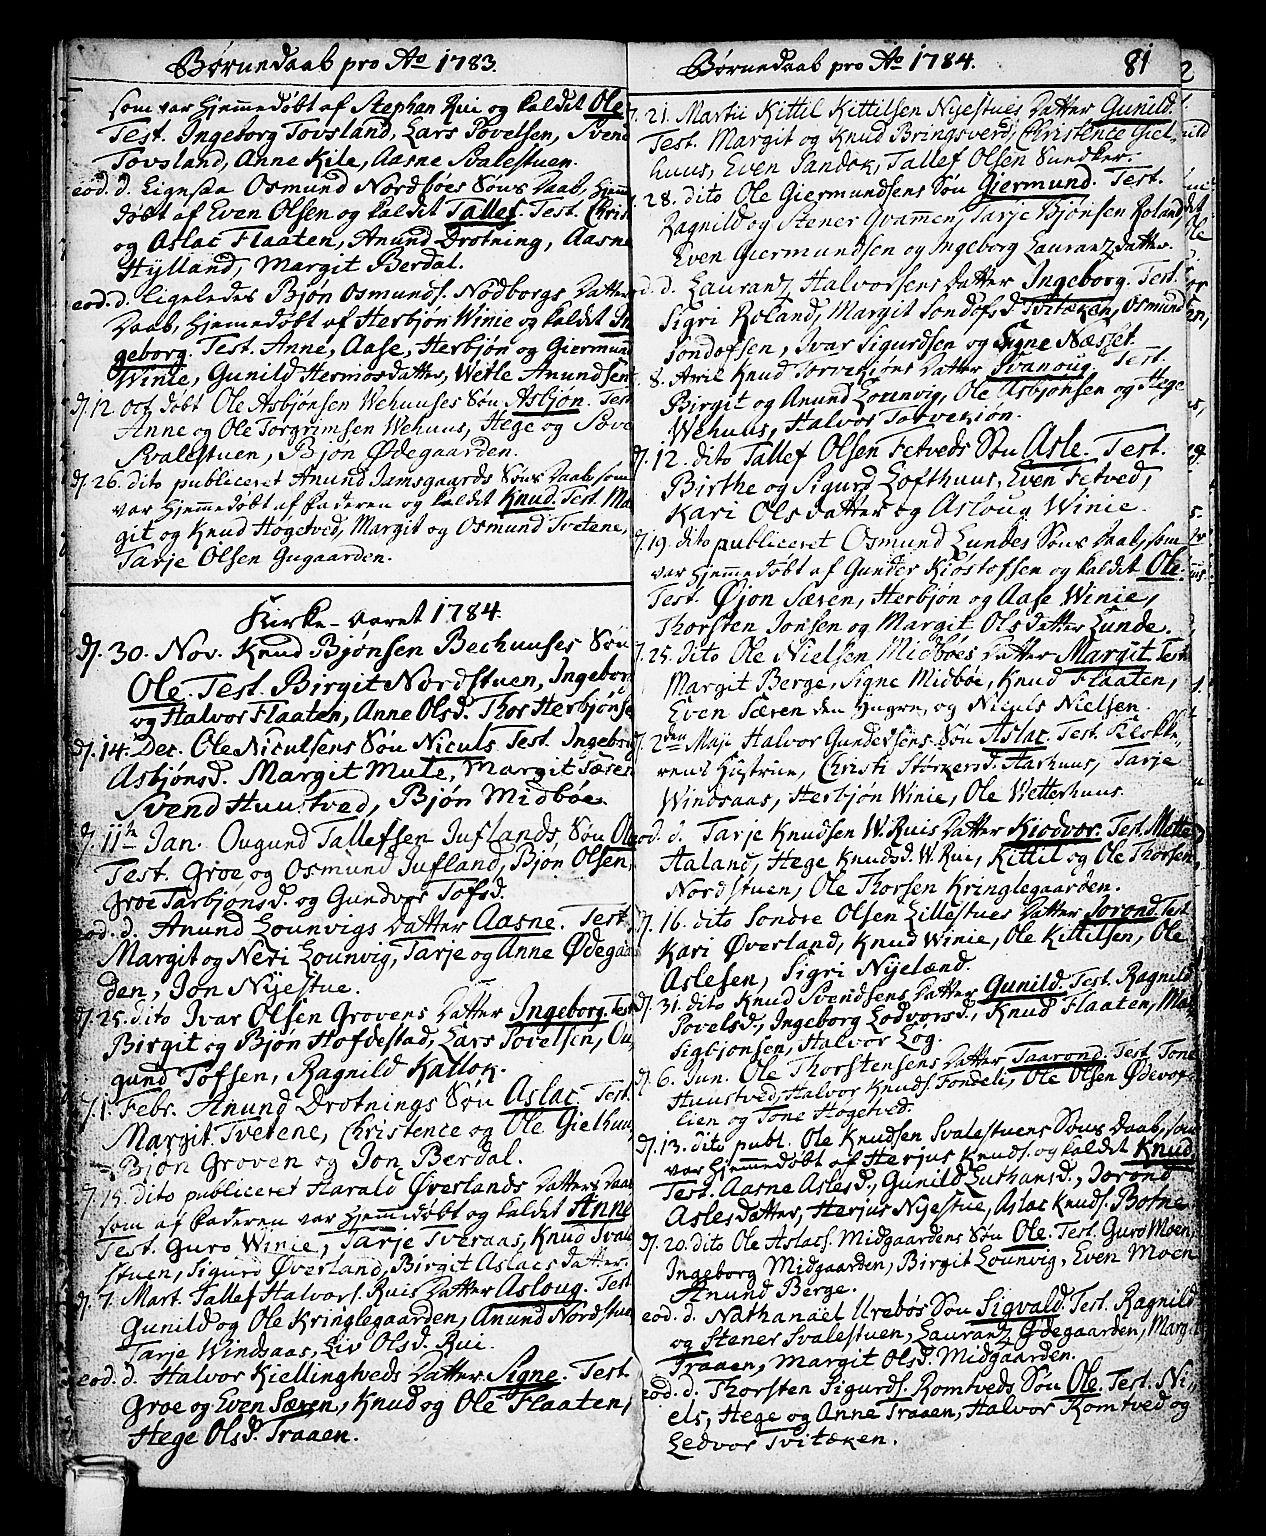 SAKO, Vinje kirkebøker, F/Fa/L0002: Ministerialbok nr. I 2, 1767-1814, s. 81